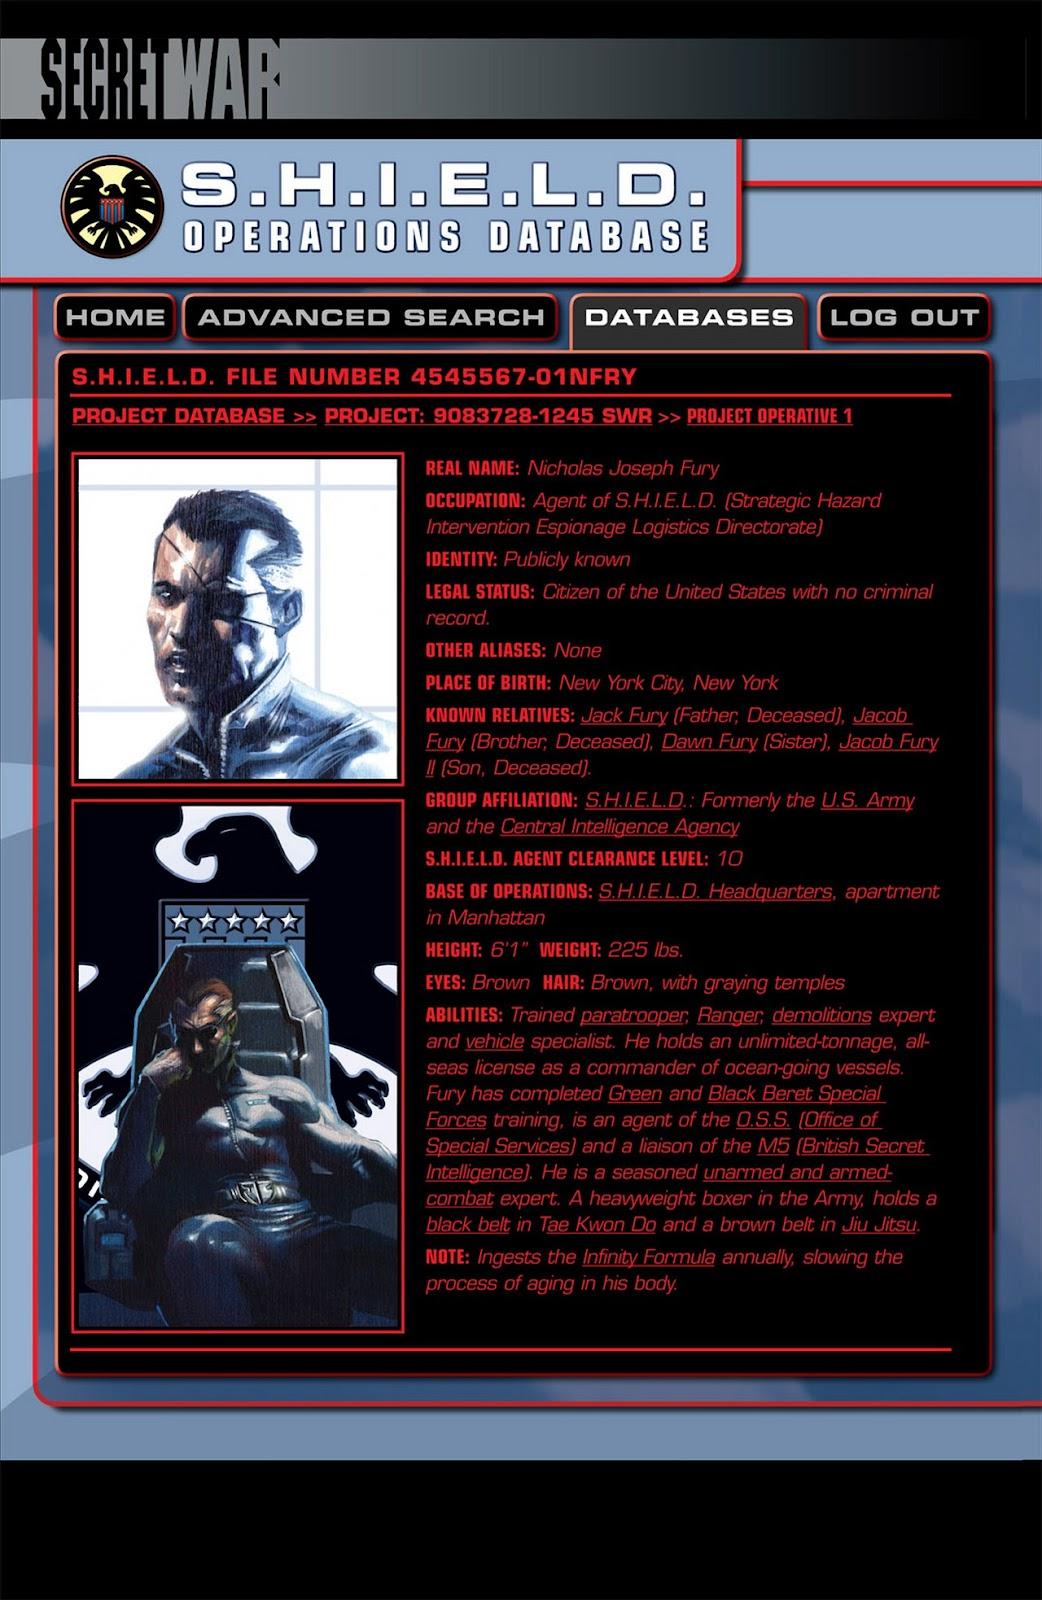 Read online Secret War comic -  Issue #5 - 3